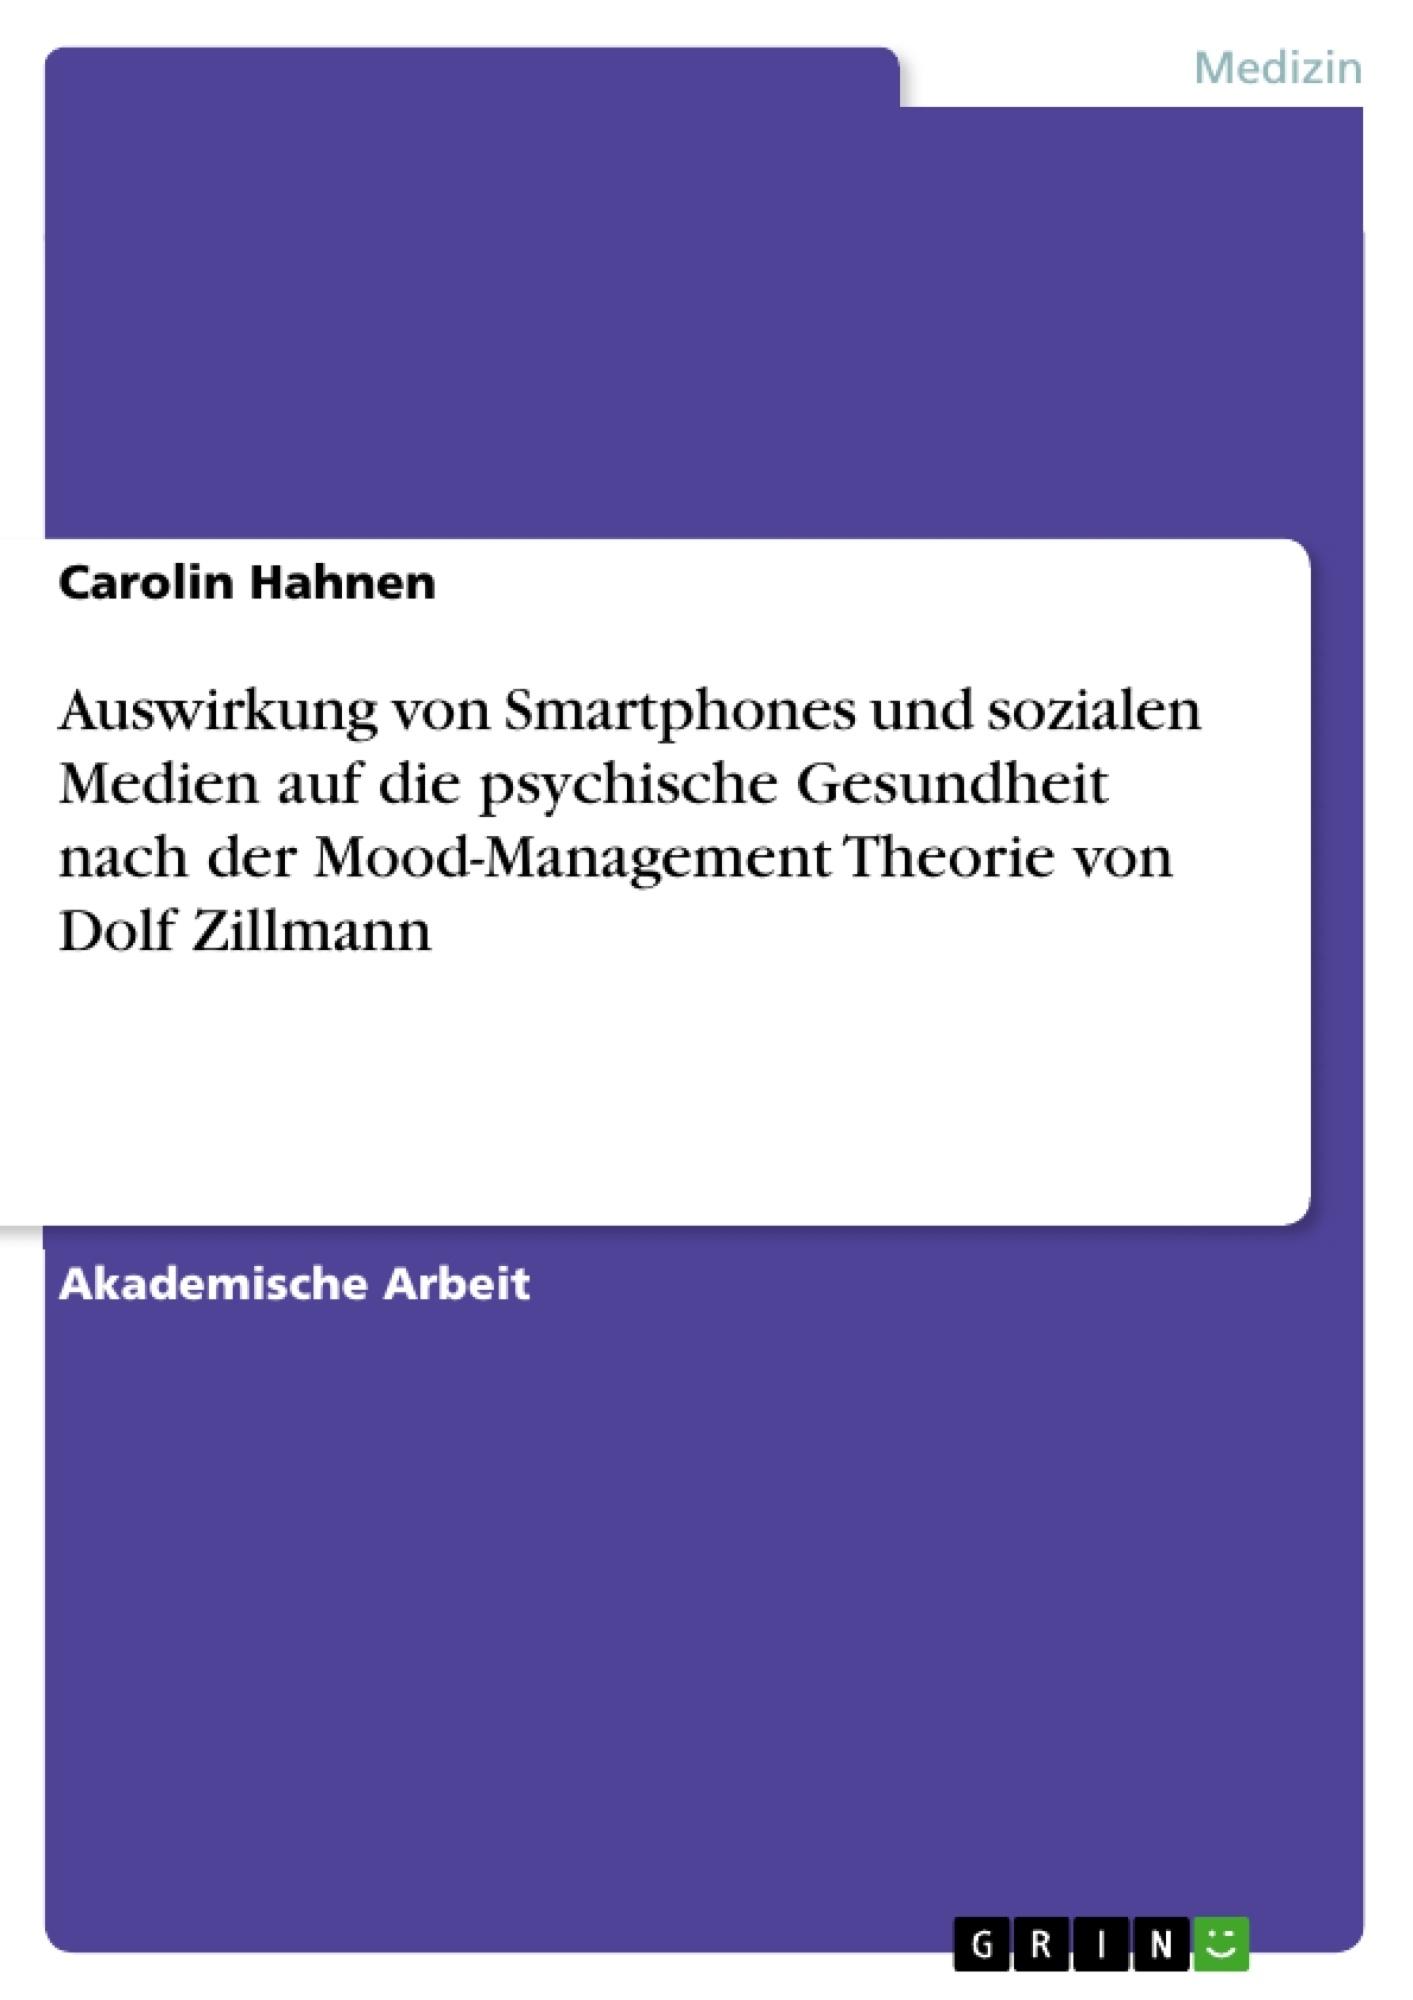 Titel: Auswirkung von Smartphones und sozialen Medien auf die psychische Gesundheit nach der Mood-Management Theorie von Dolf Zillmann